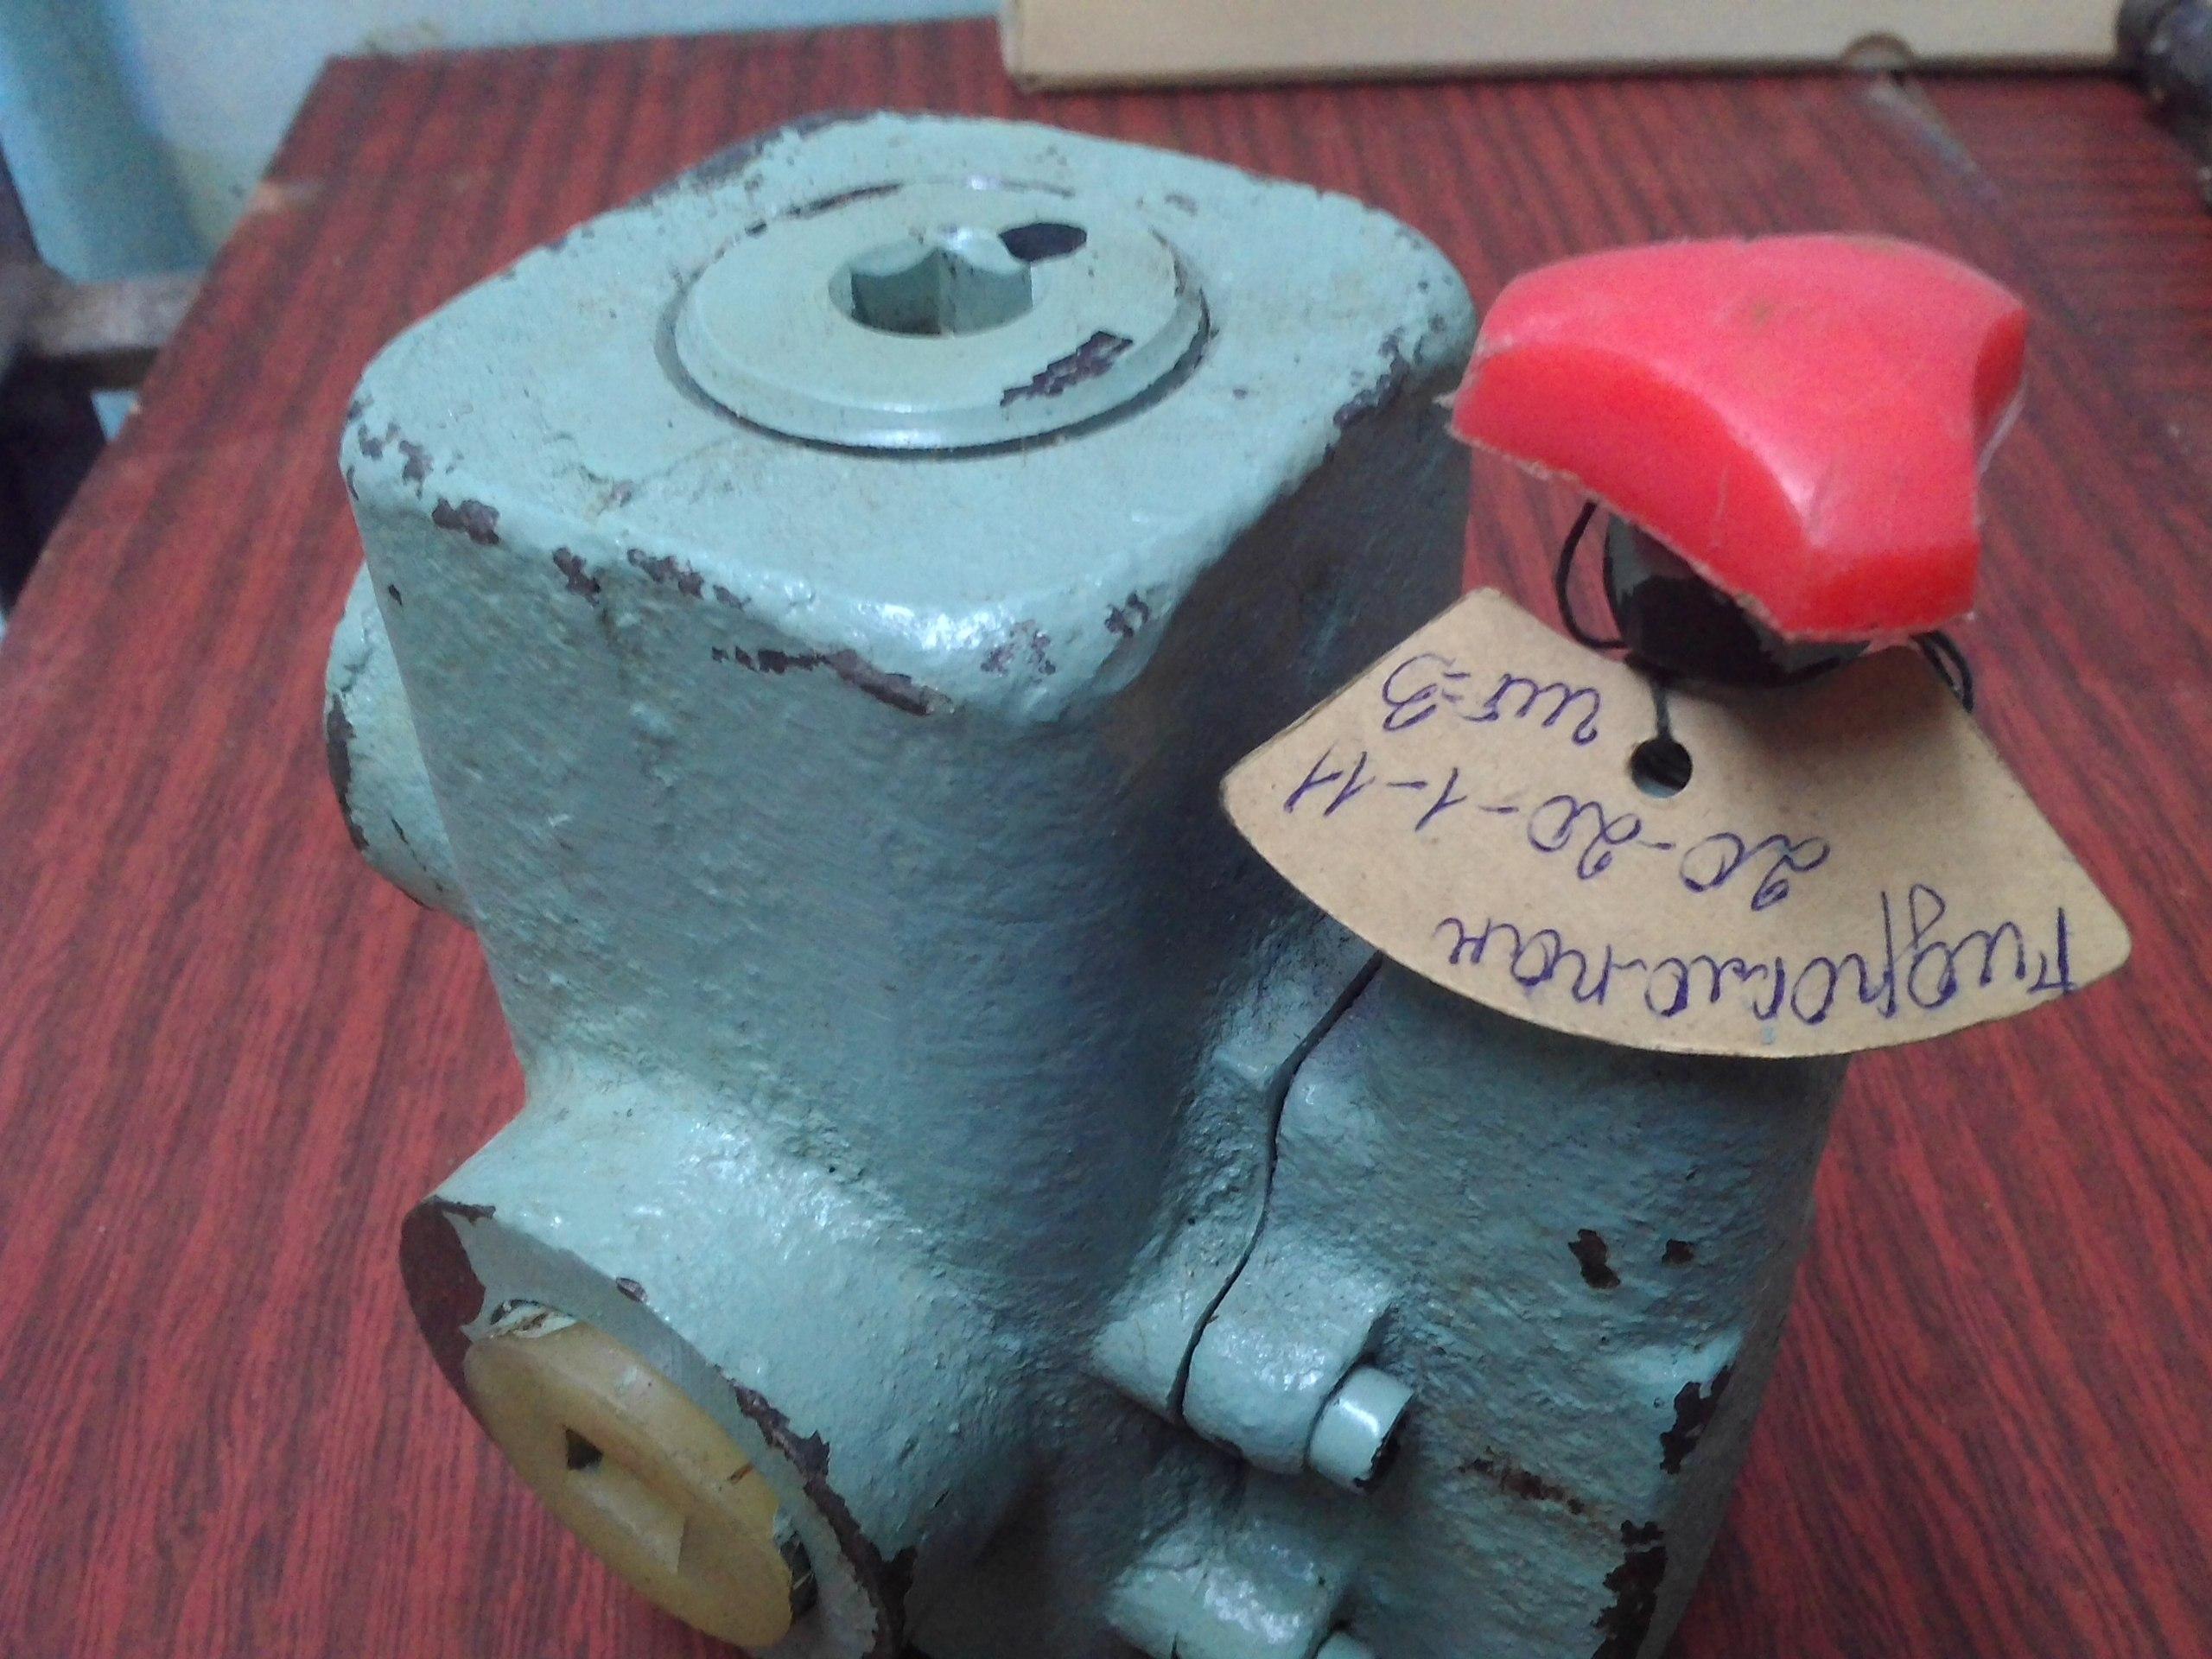 Гидроклапан М-КП 20-10-1-11, зображення 1